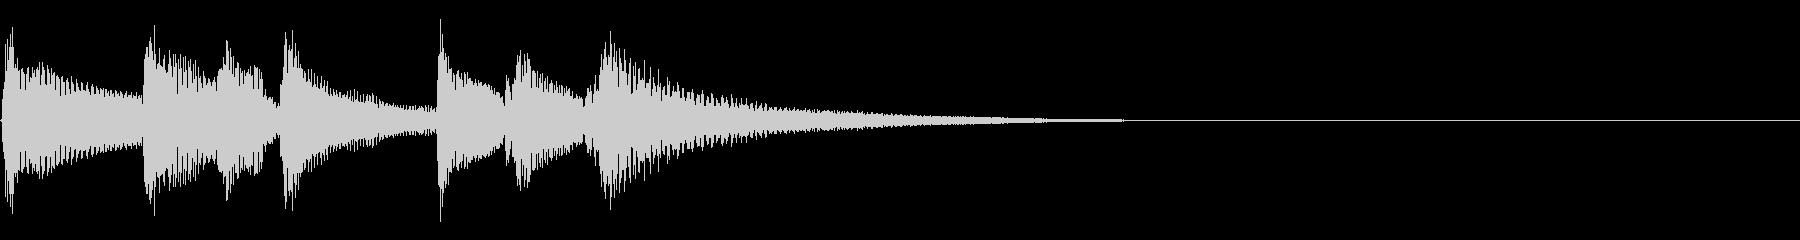 ウクレレアイキャッチ■爽やかな場面転換の未再生の波形